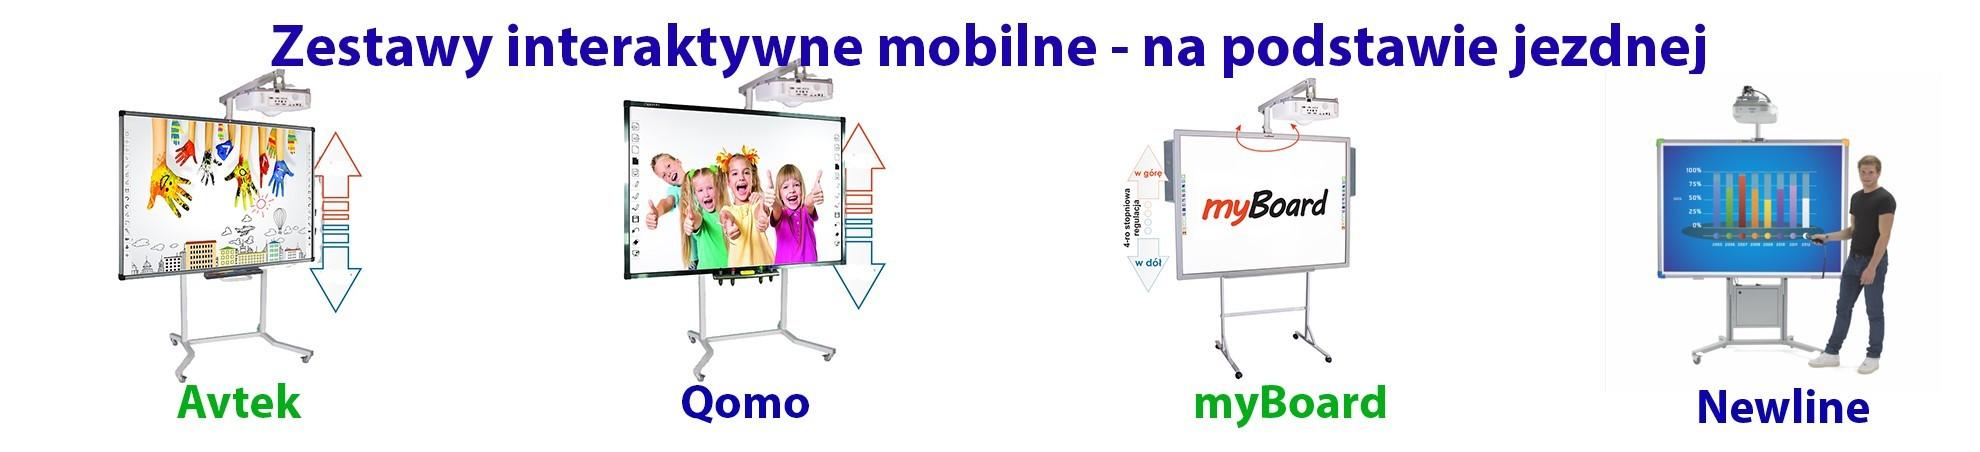 Zestawy mobilne